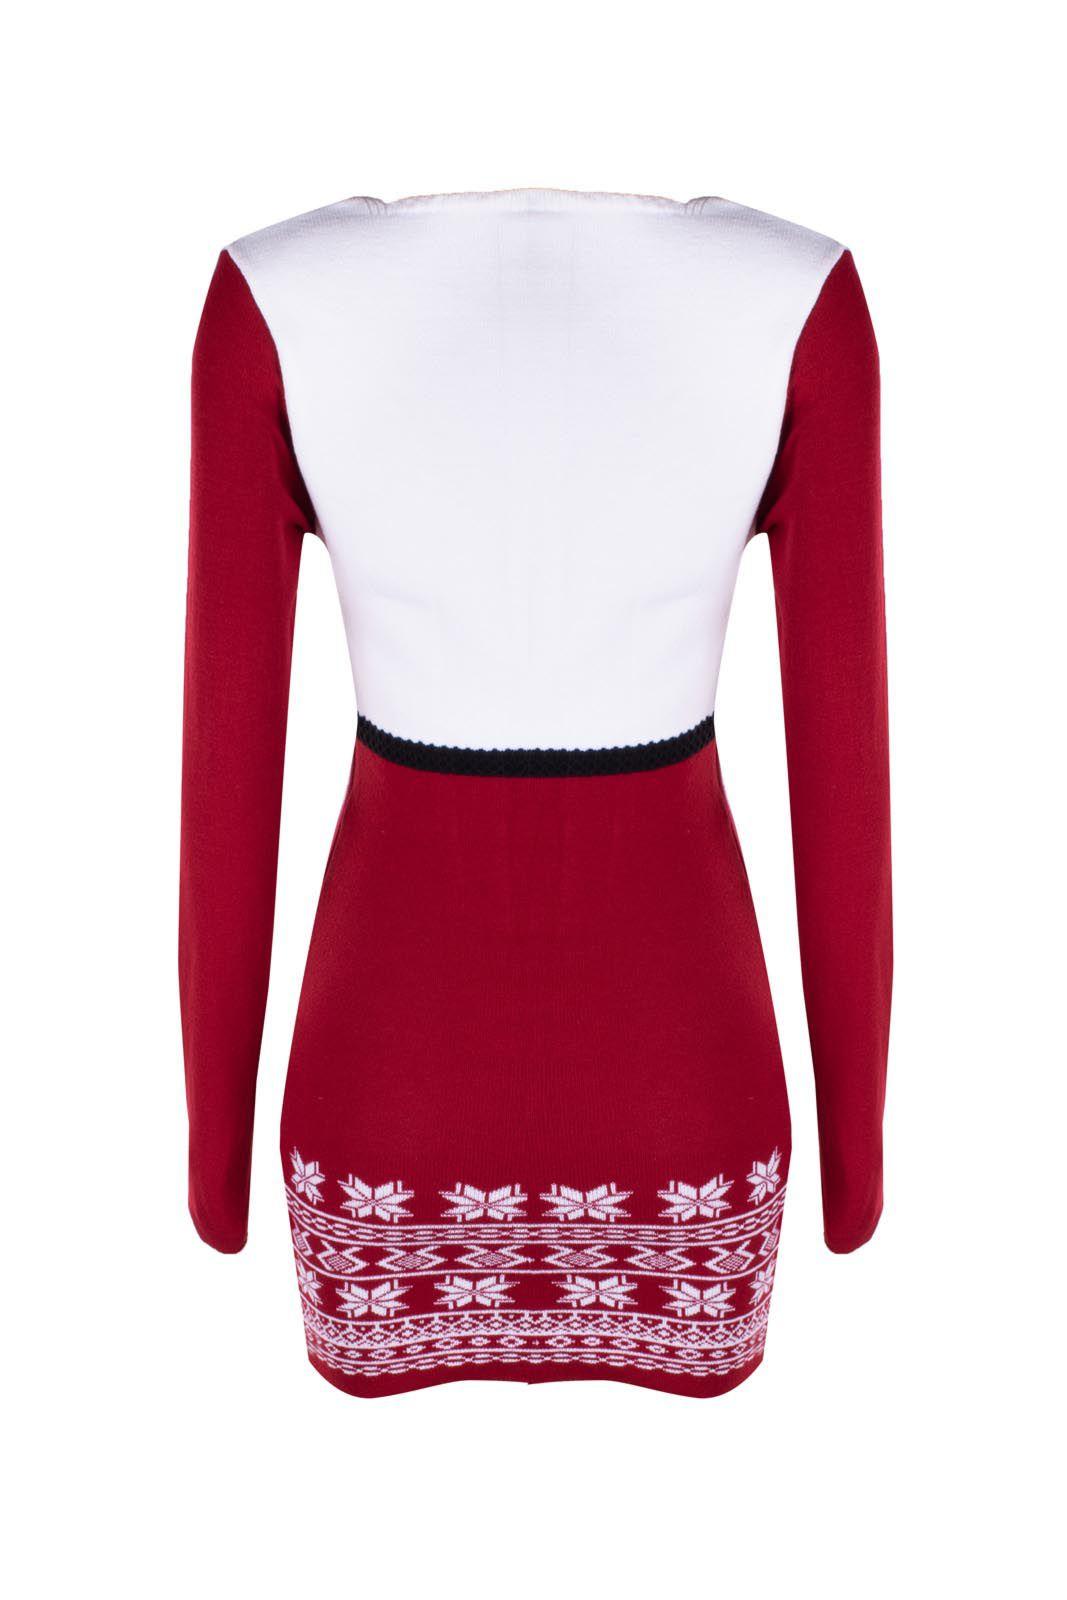 Vestido Outlet Dri Manga Longa Justa Tricot Acrilico Decote Em V Branco Detalhe Vermelho